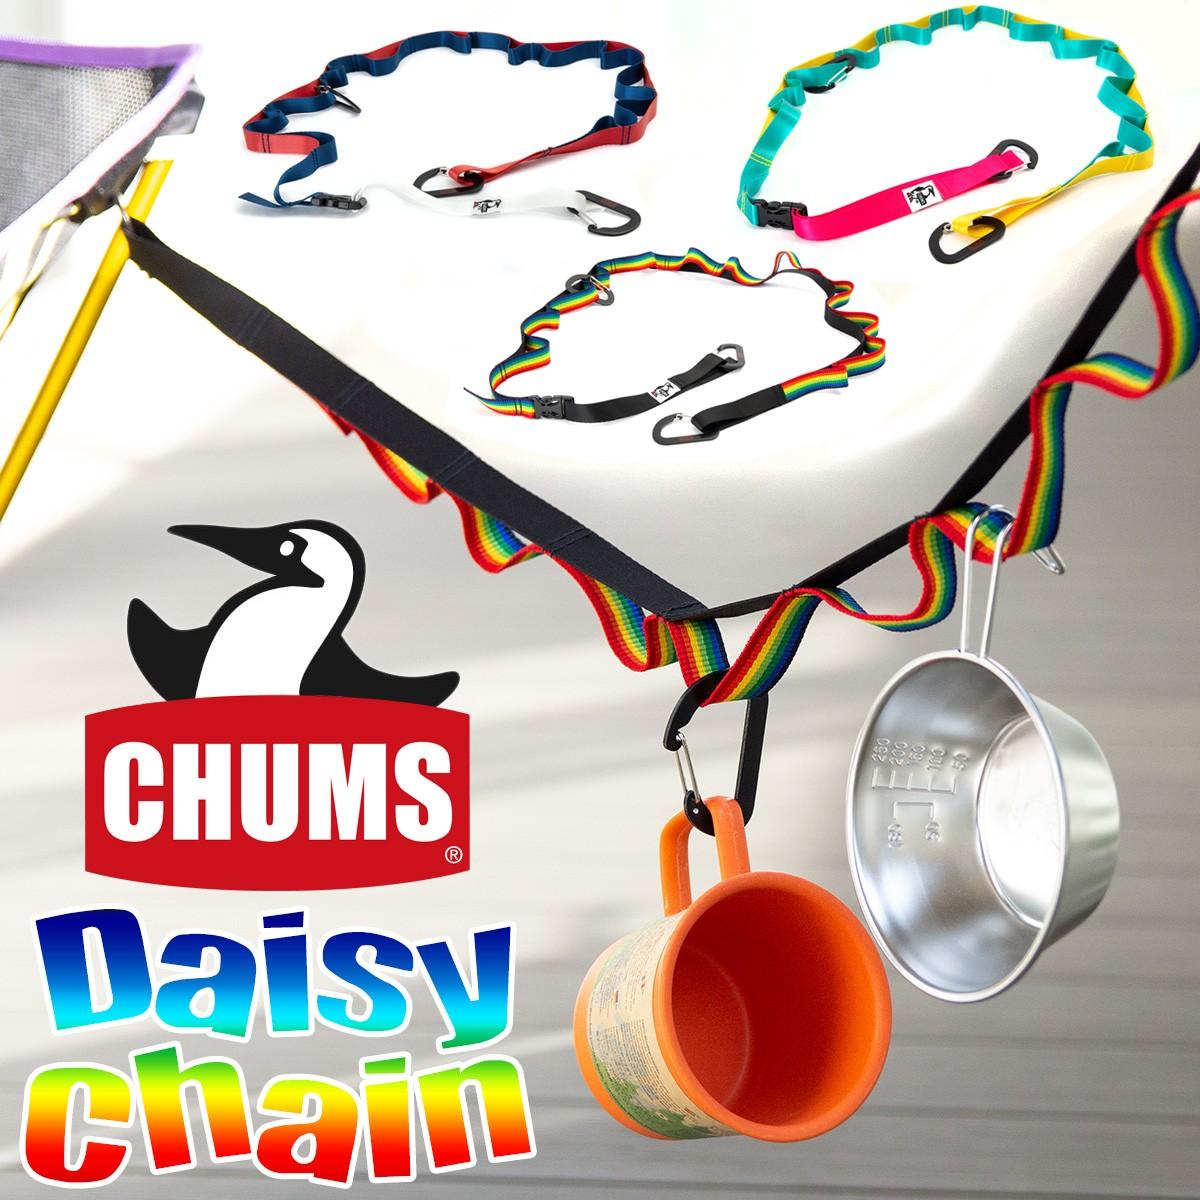 CH62-1178 CHUMS Daisy Chainチャムスデイジーチェーン